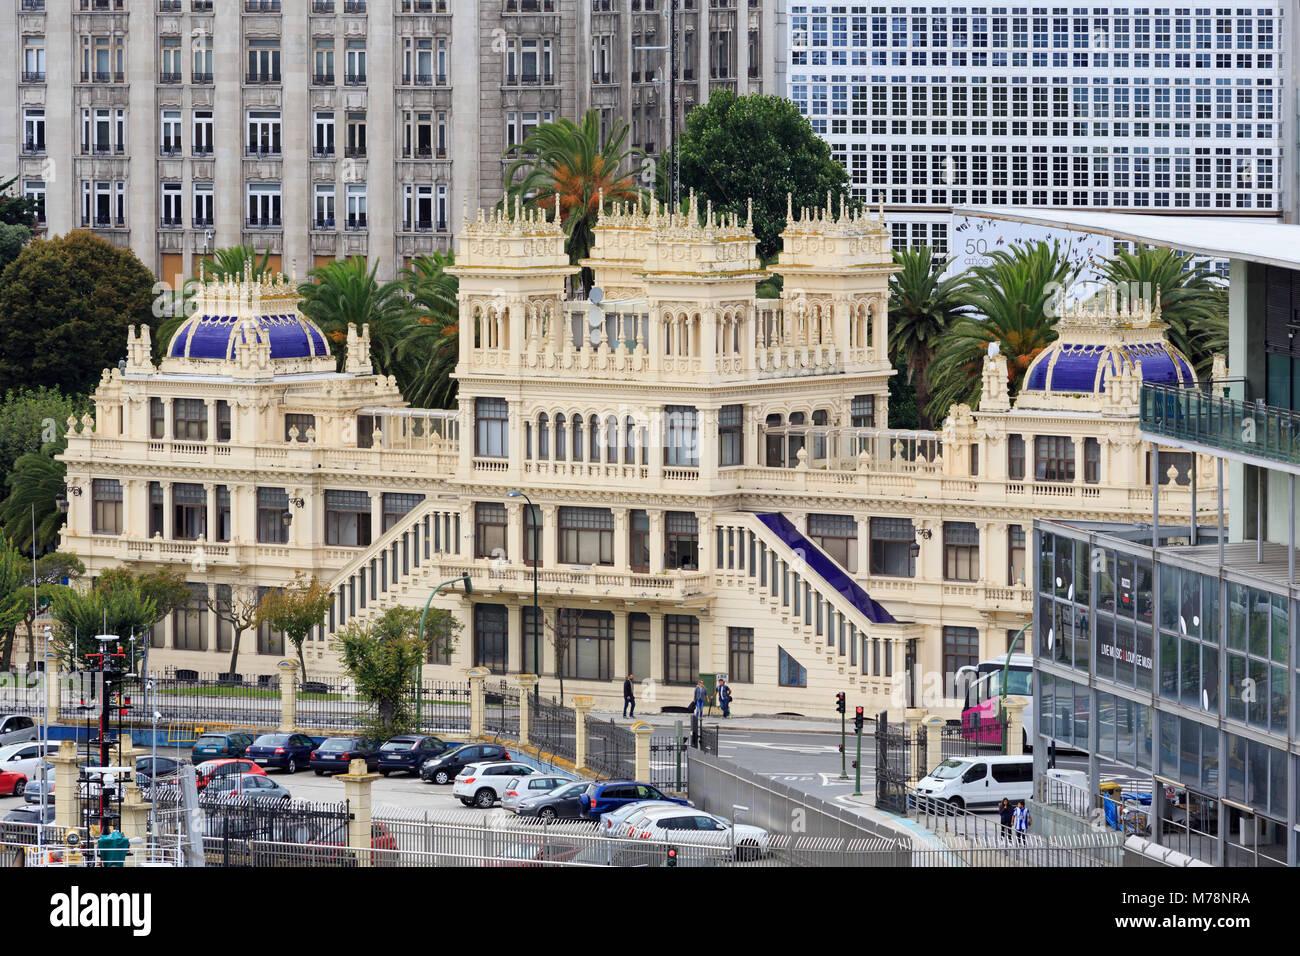 Terraza Gebäude, La Coruna, Galicien, Spanien, Europa Stockbild